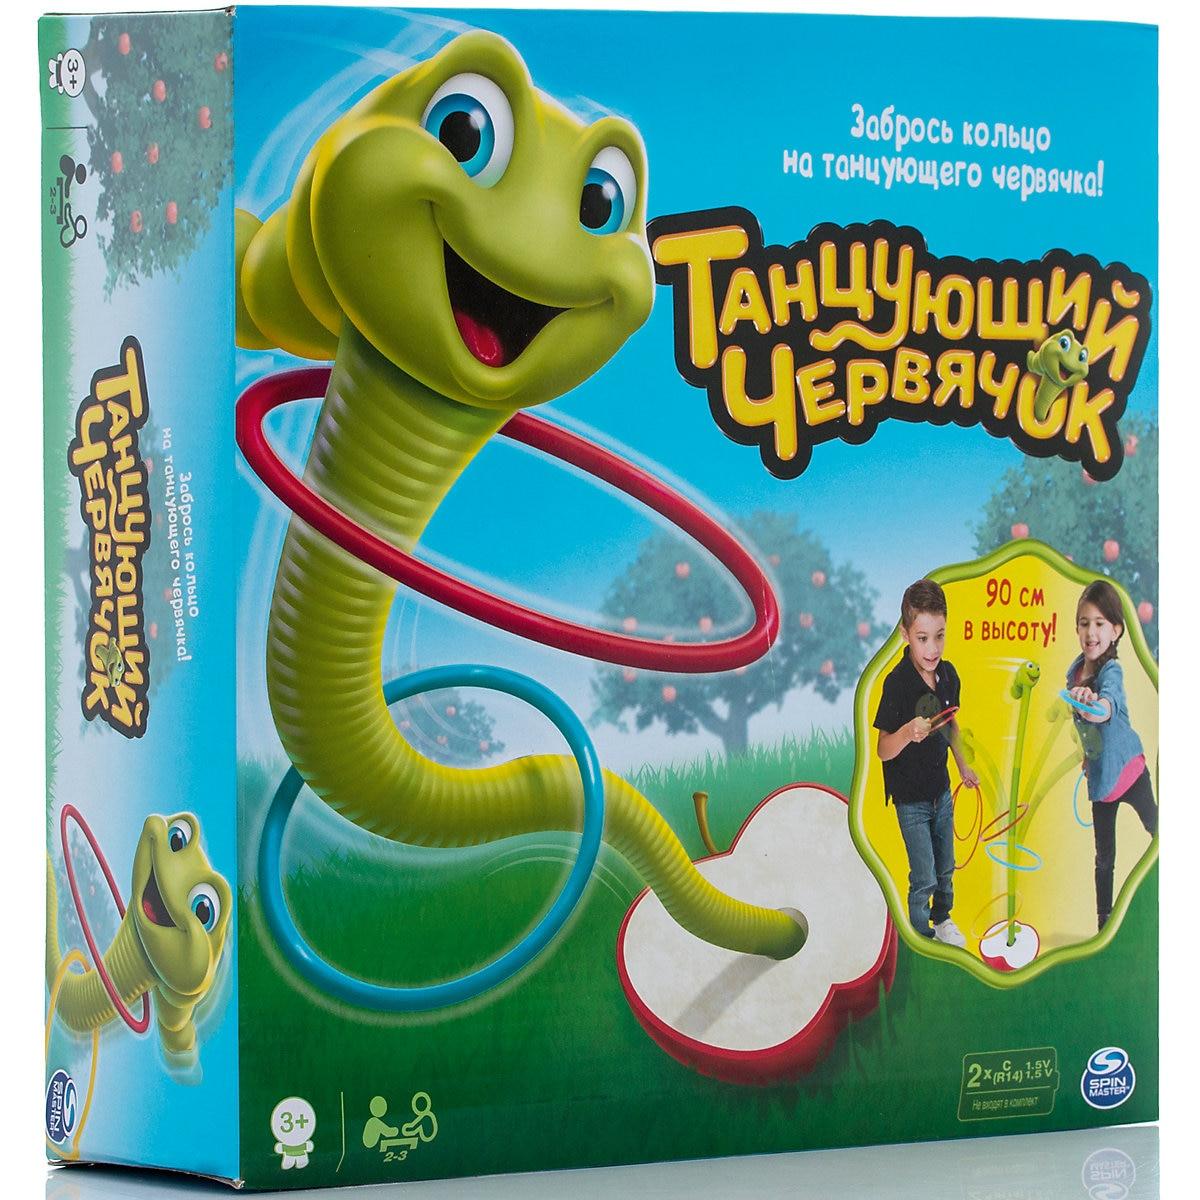 SPIN MASTER Party jeux 6727161 jouet jeu de société motricité fine pour entreprise jouets éducatifs pour enfants jouer fille garçon